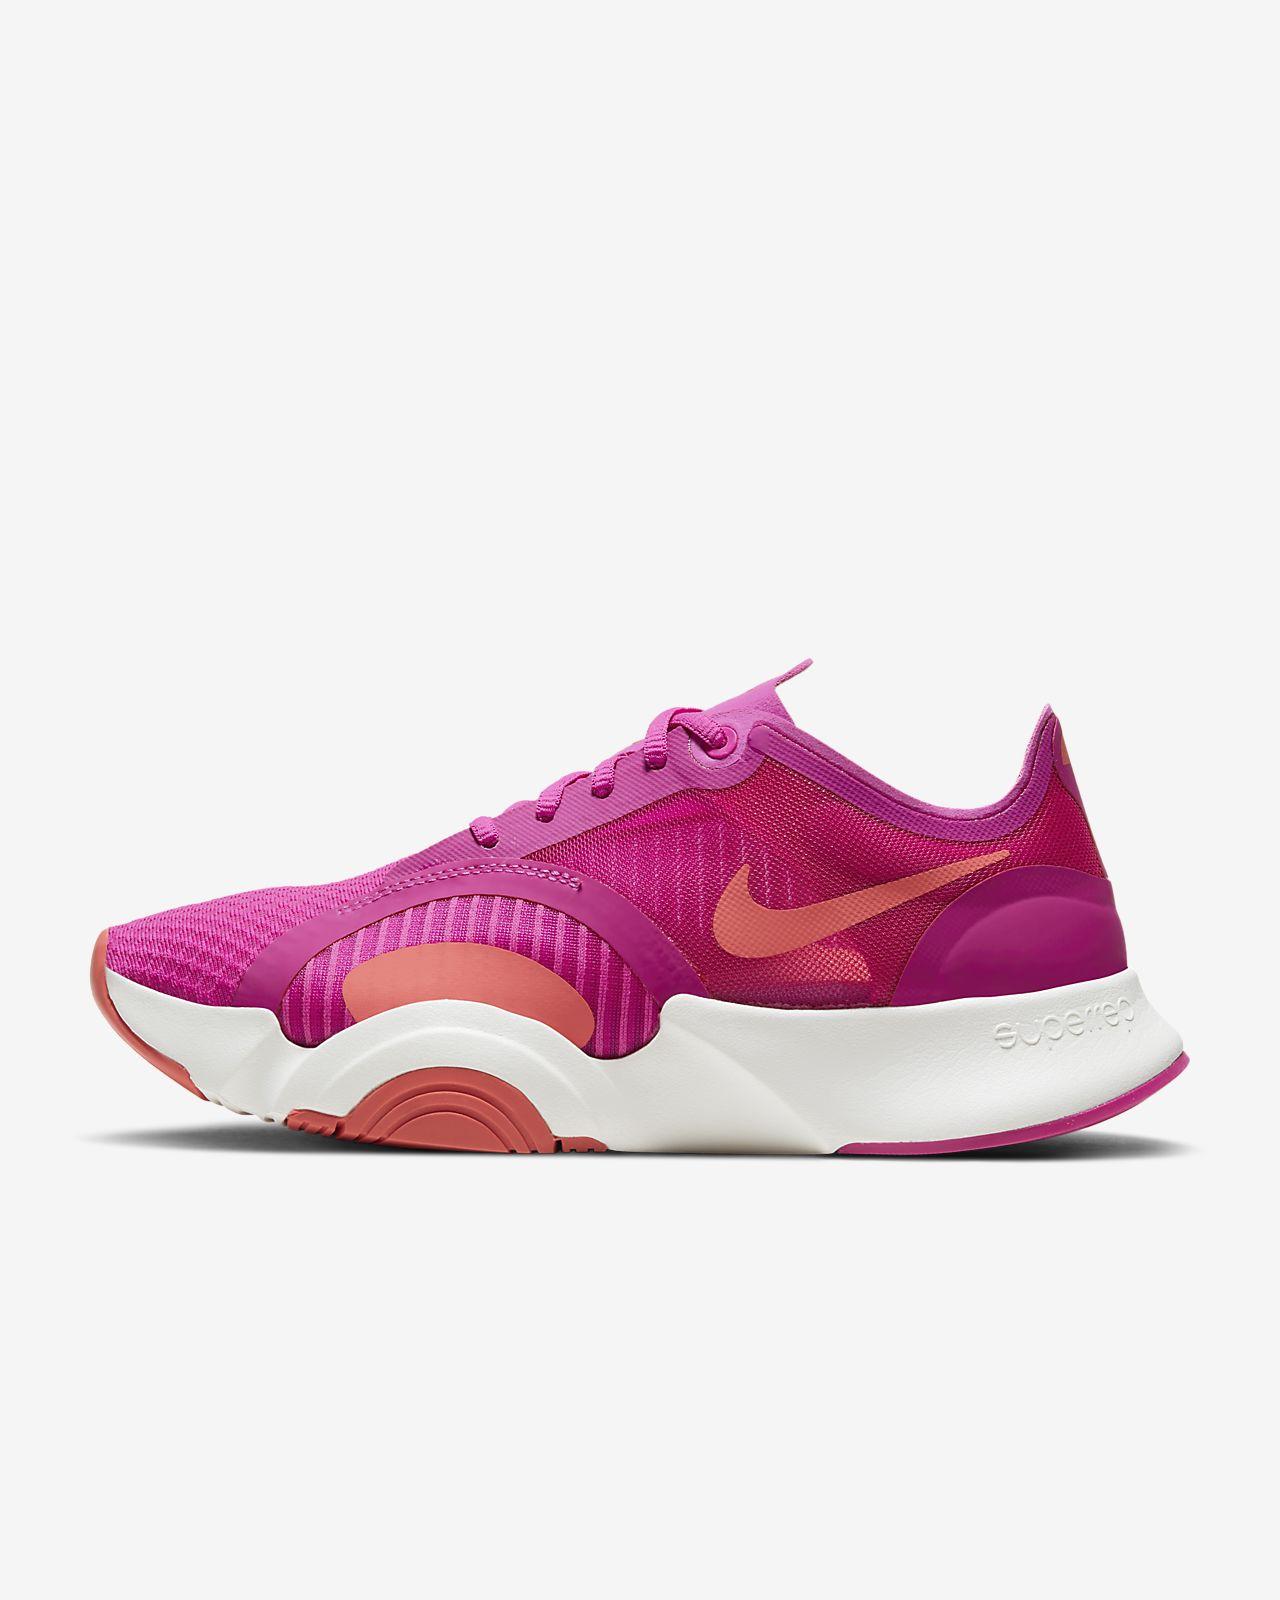 Dámská tréninková bota Nike SuperRep Go